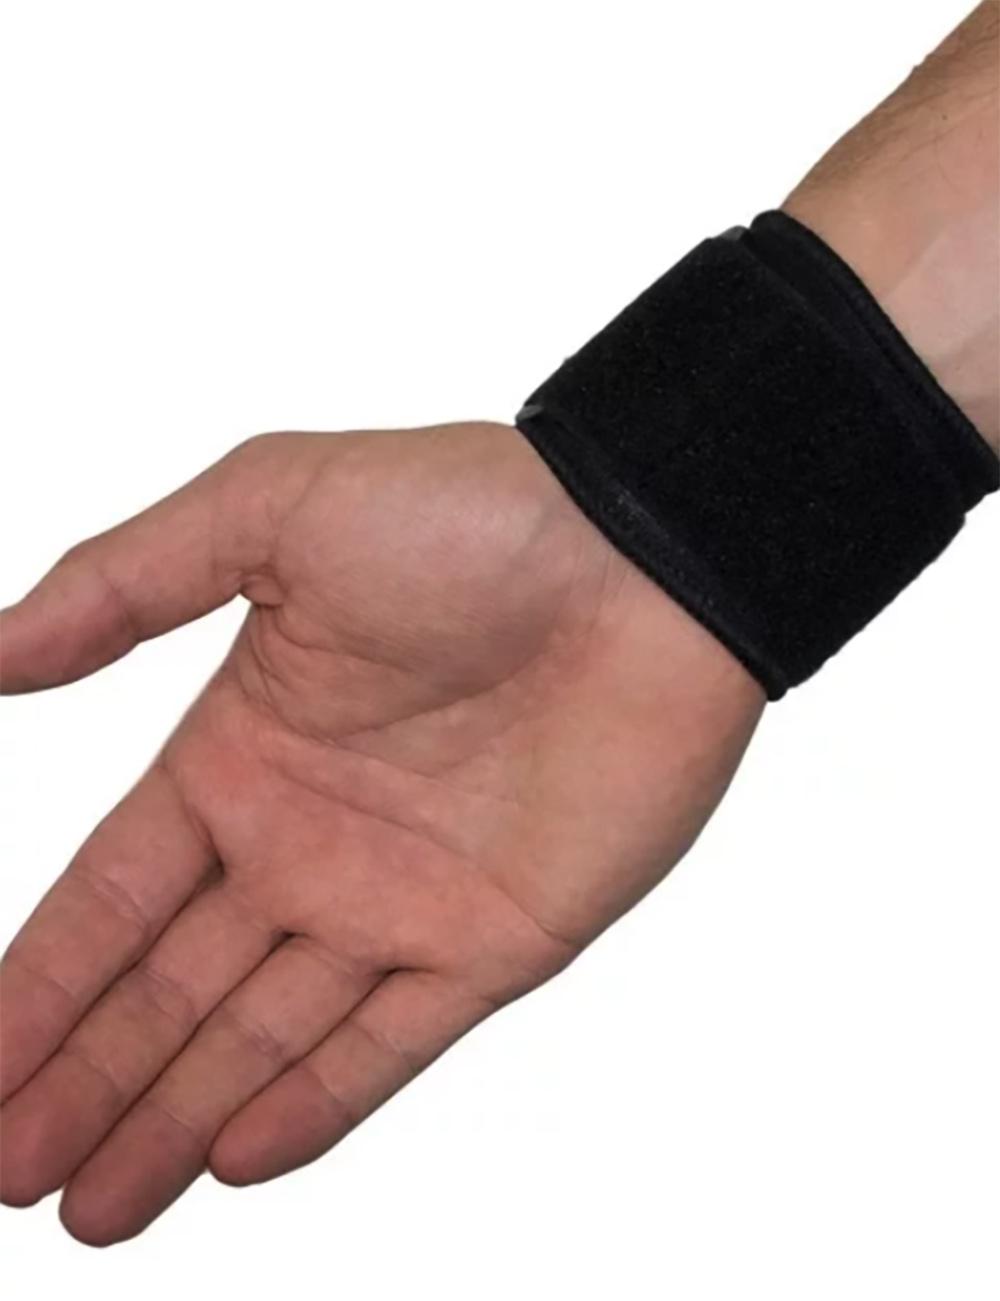 Bandagen & Orthesen orthopädische Hilfsmittel für Muskeln und Gelenke